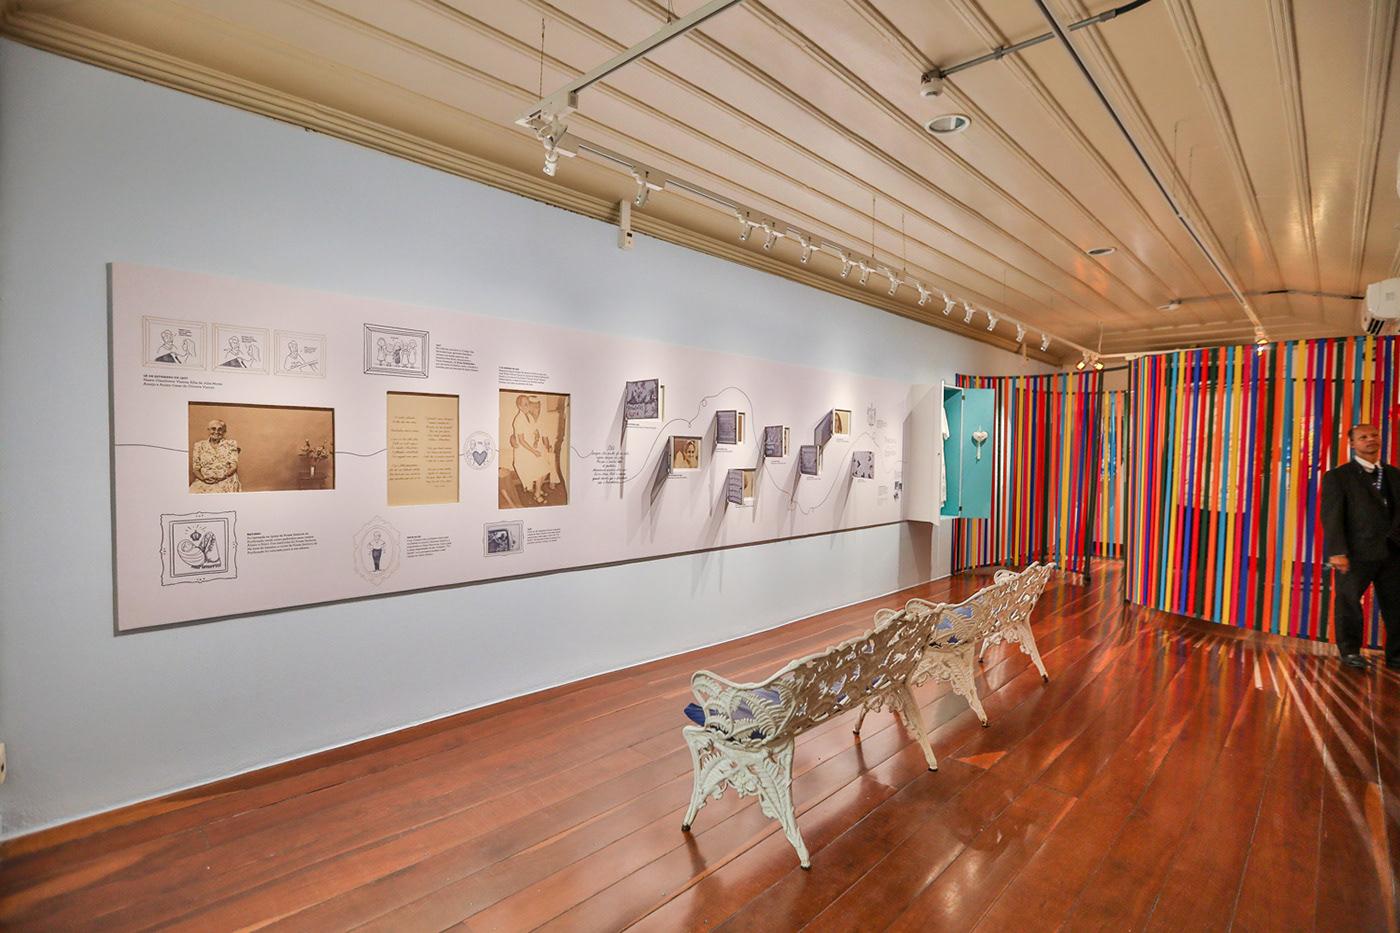 dona Canô salvador caligrafia catalogo Exposição Ilustração cenografia cenography Calligraphy   Exhibition